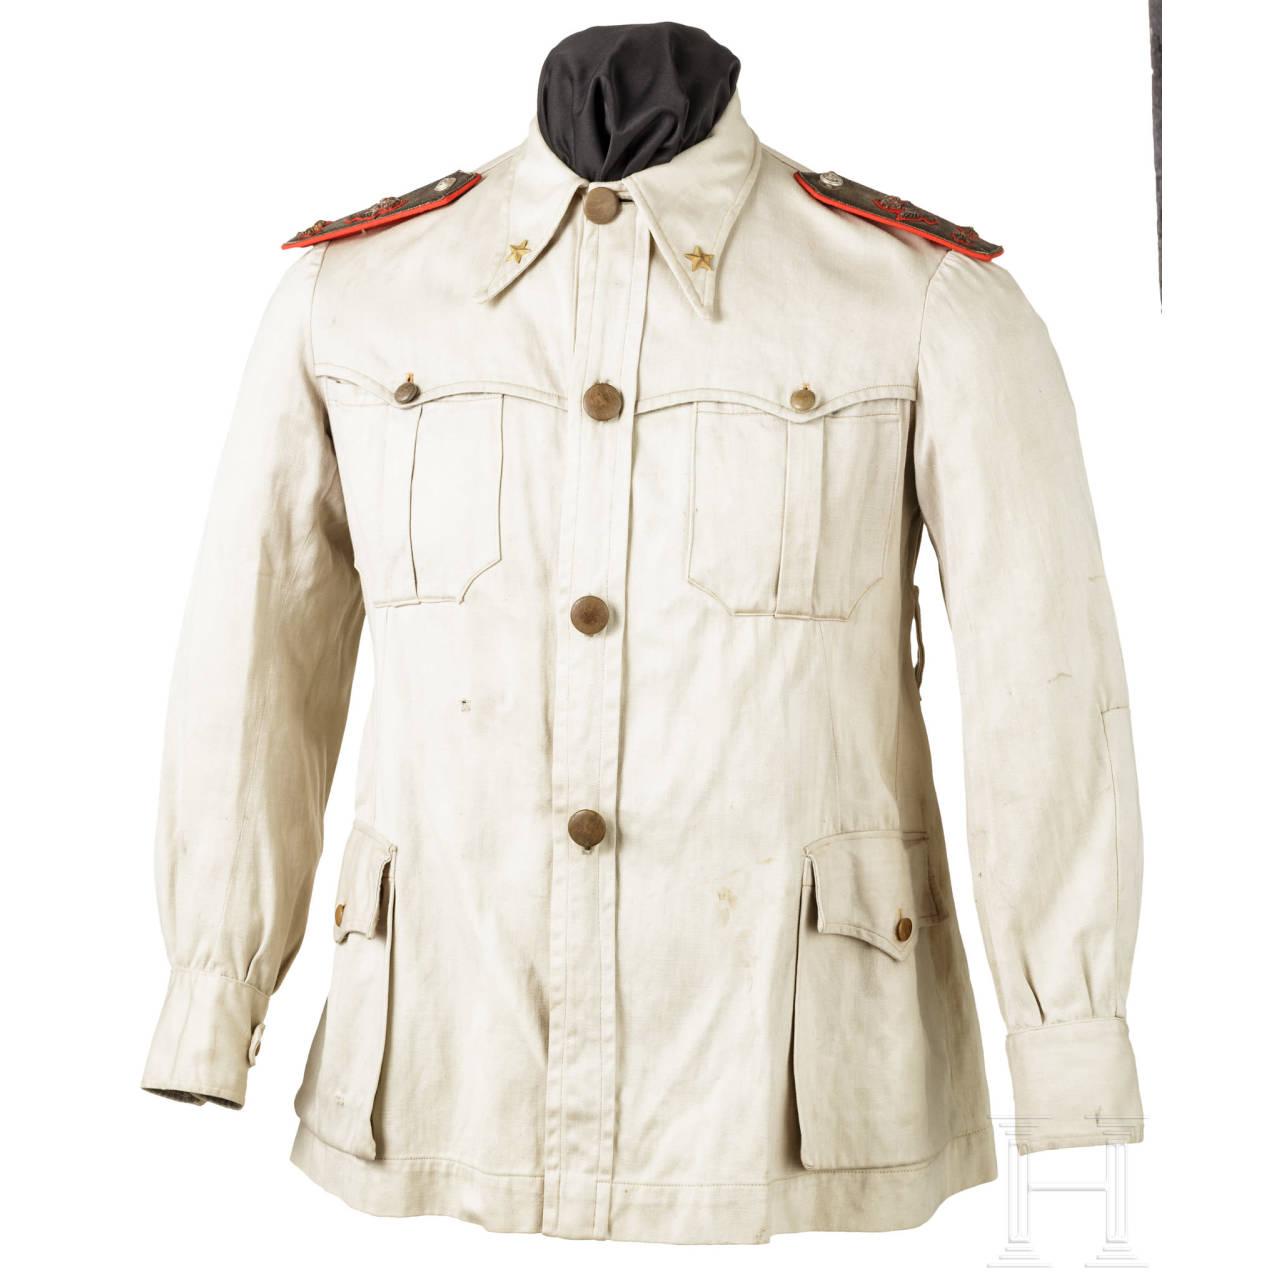 Tropenfeldbluse für Generale im 2. Weltkrieg